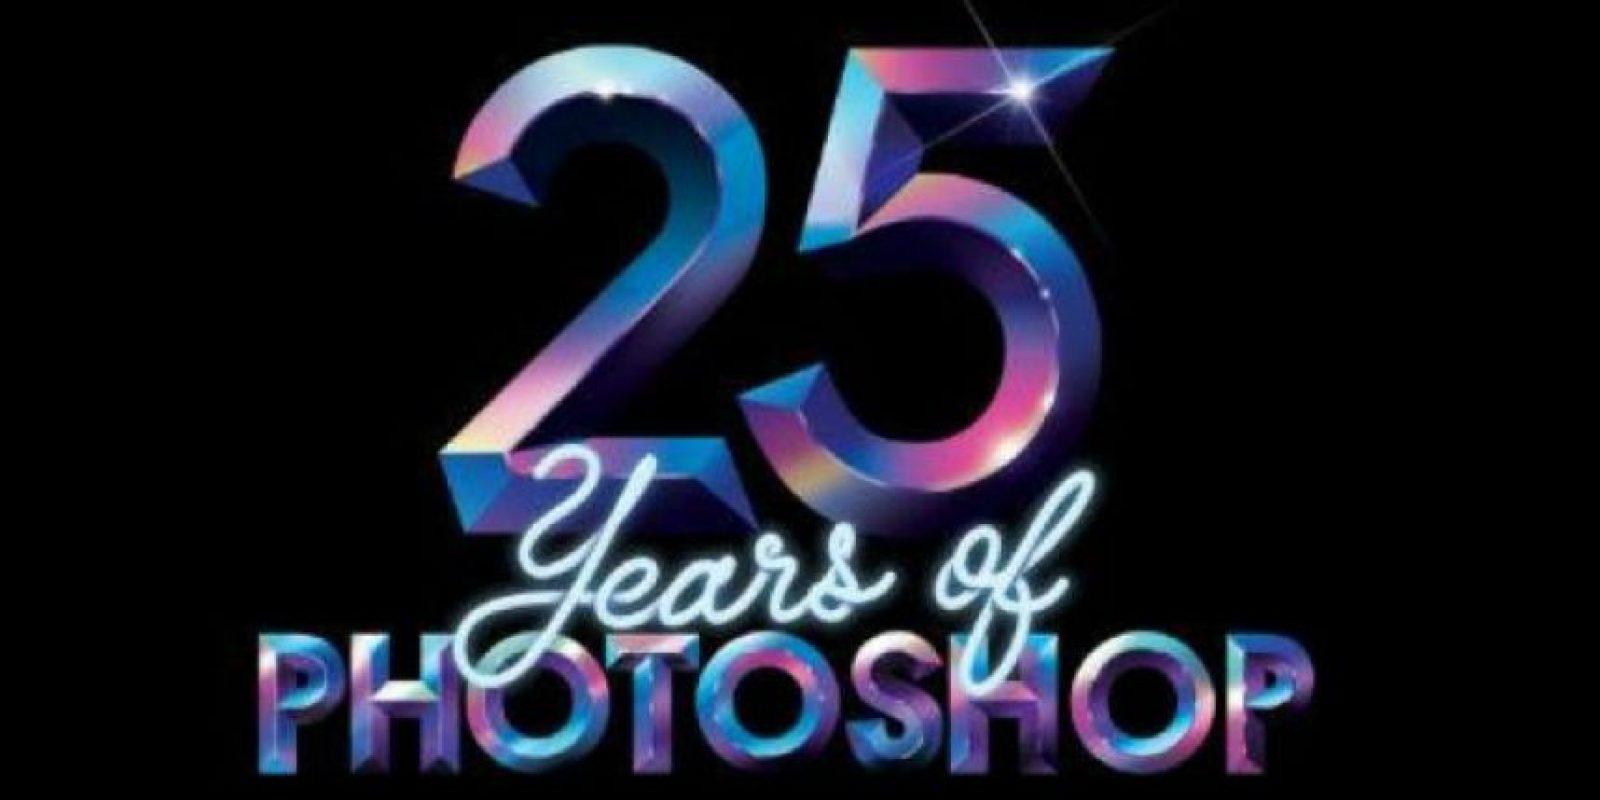 Photoshop cumple este jueves 25 años de estar disponible. Foto:Adobe